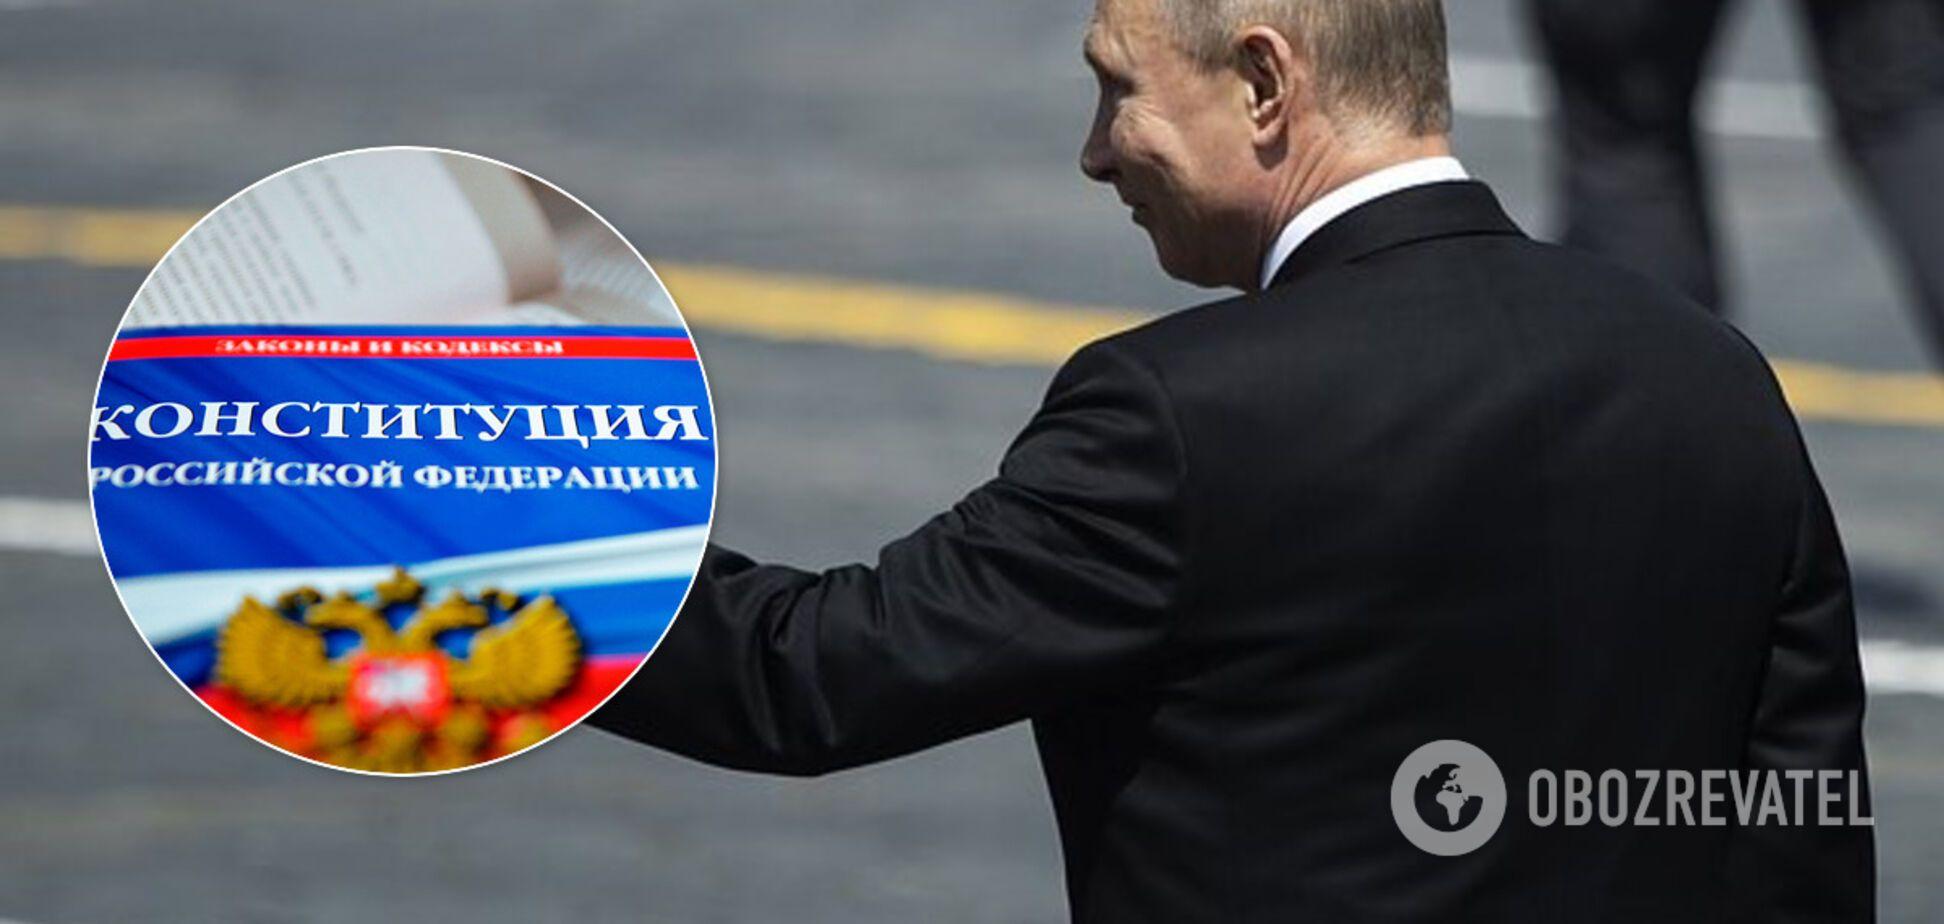 Оголимся, обнажимся и обнулимся! 'Бобок' Достоевского в России